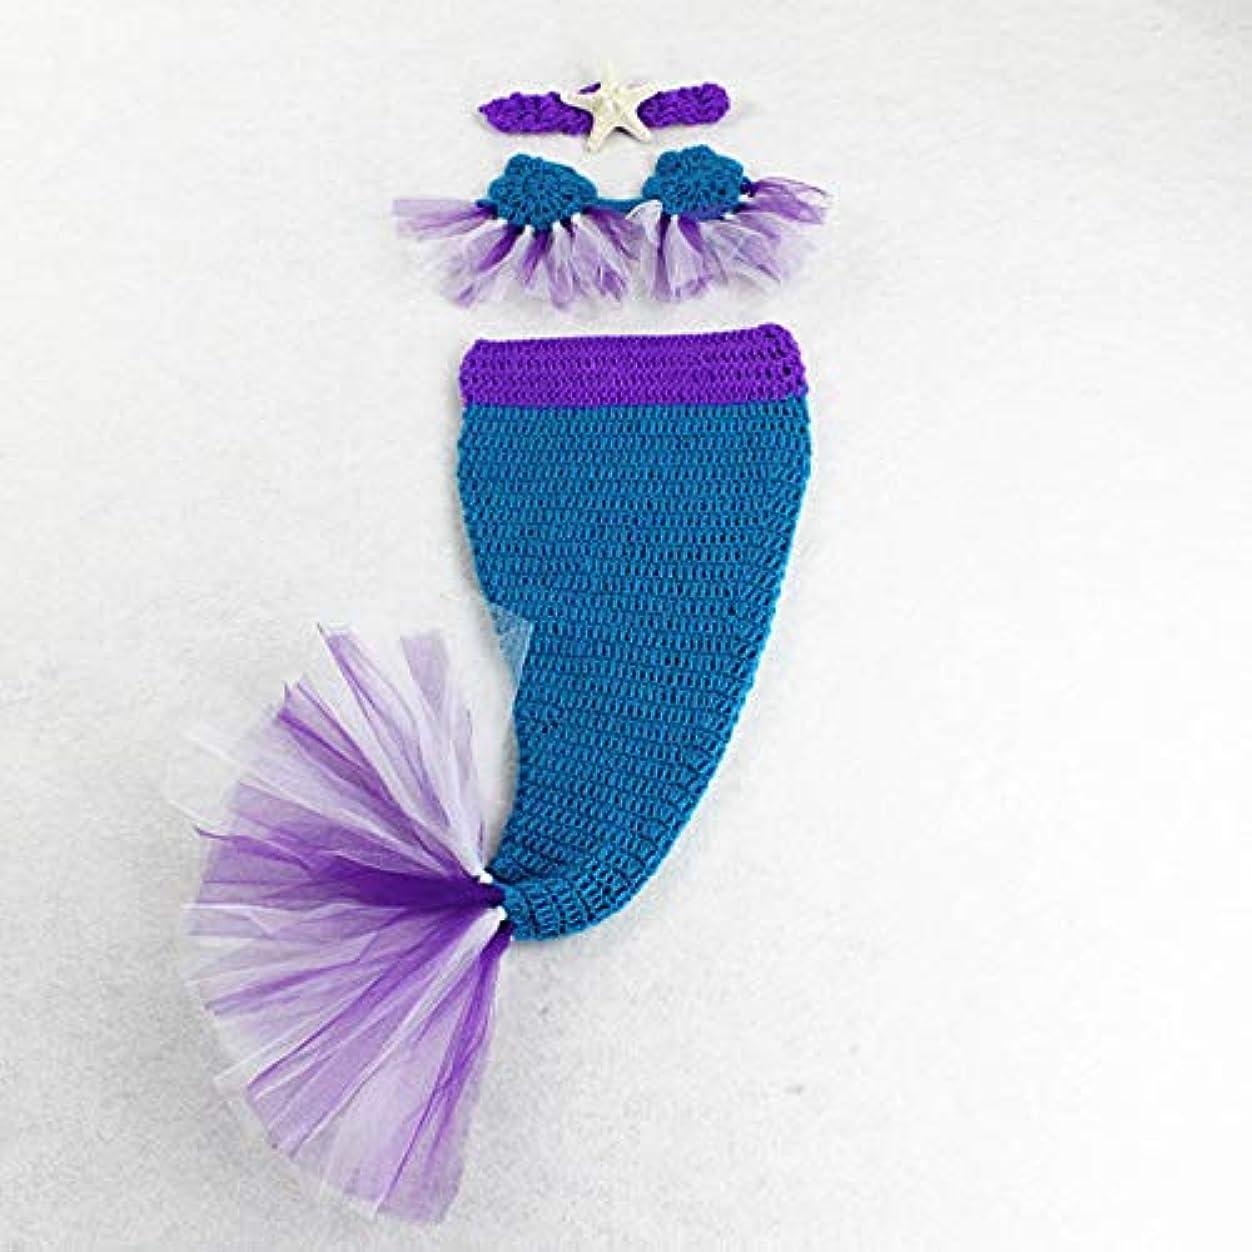 エミュレーションの中で乱気流ベビーコスチューム 記念写真 出産お祝い 毛糸製 人魚姫 かわいいドレス